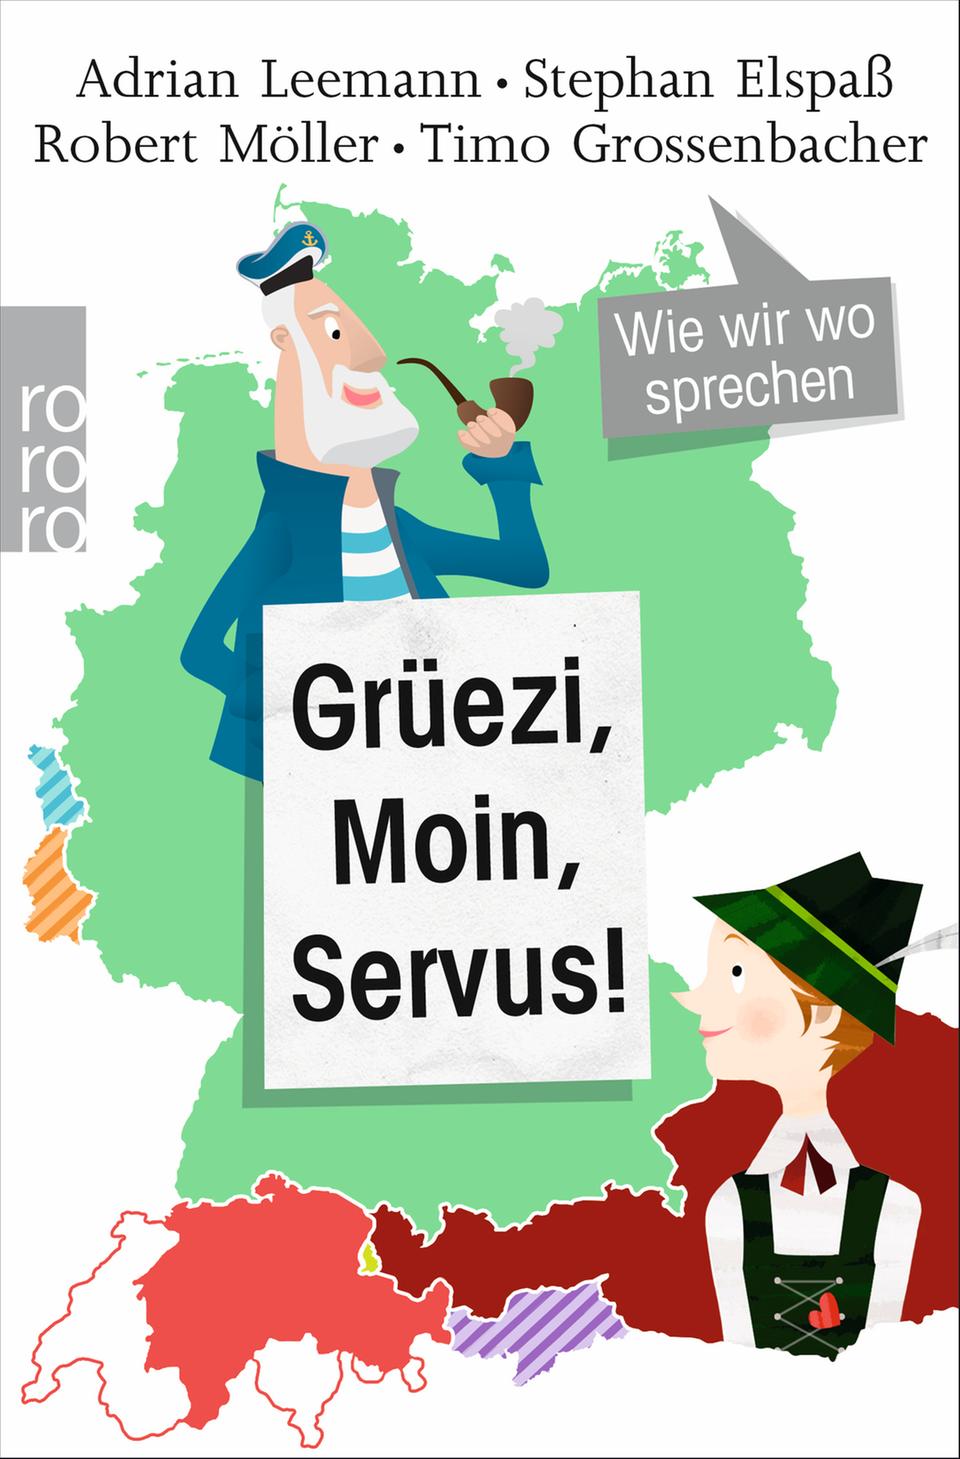 Moin Grüezi Servus